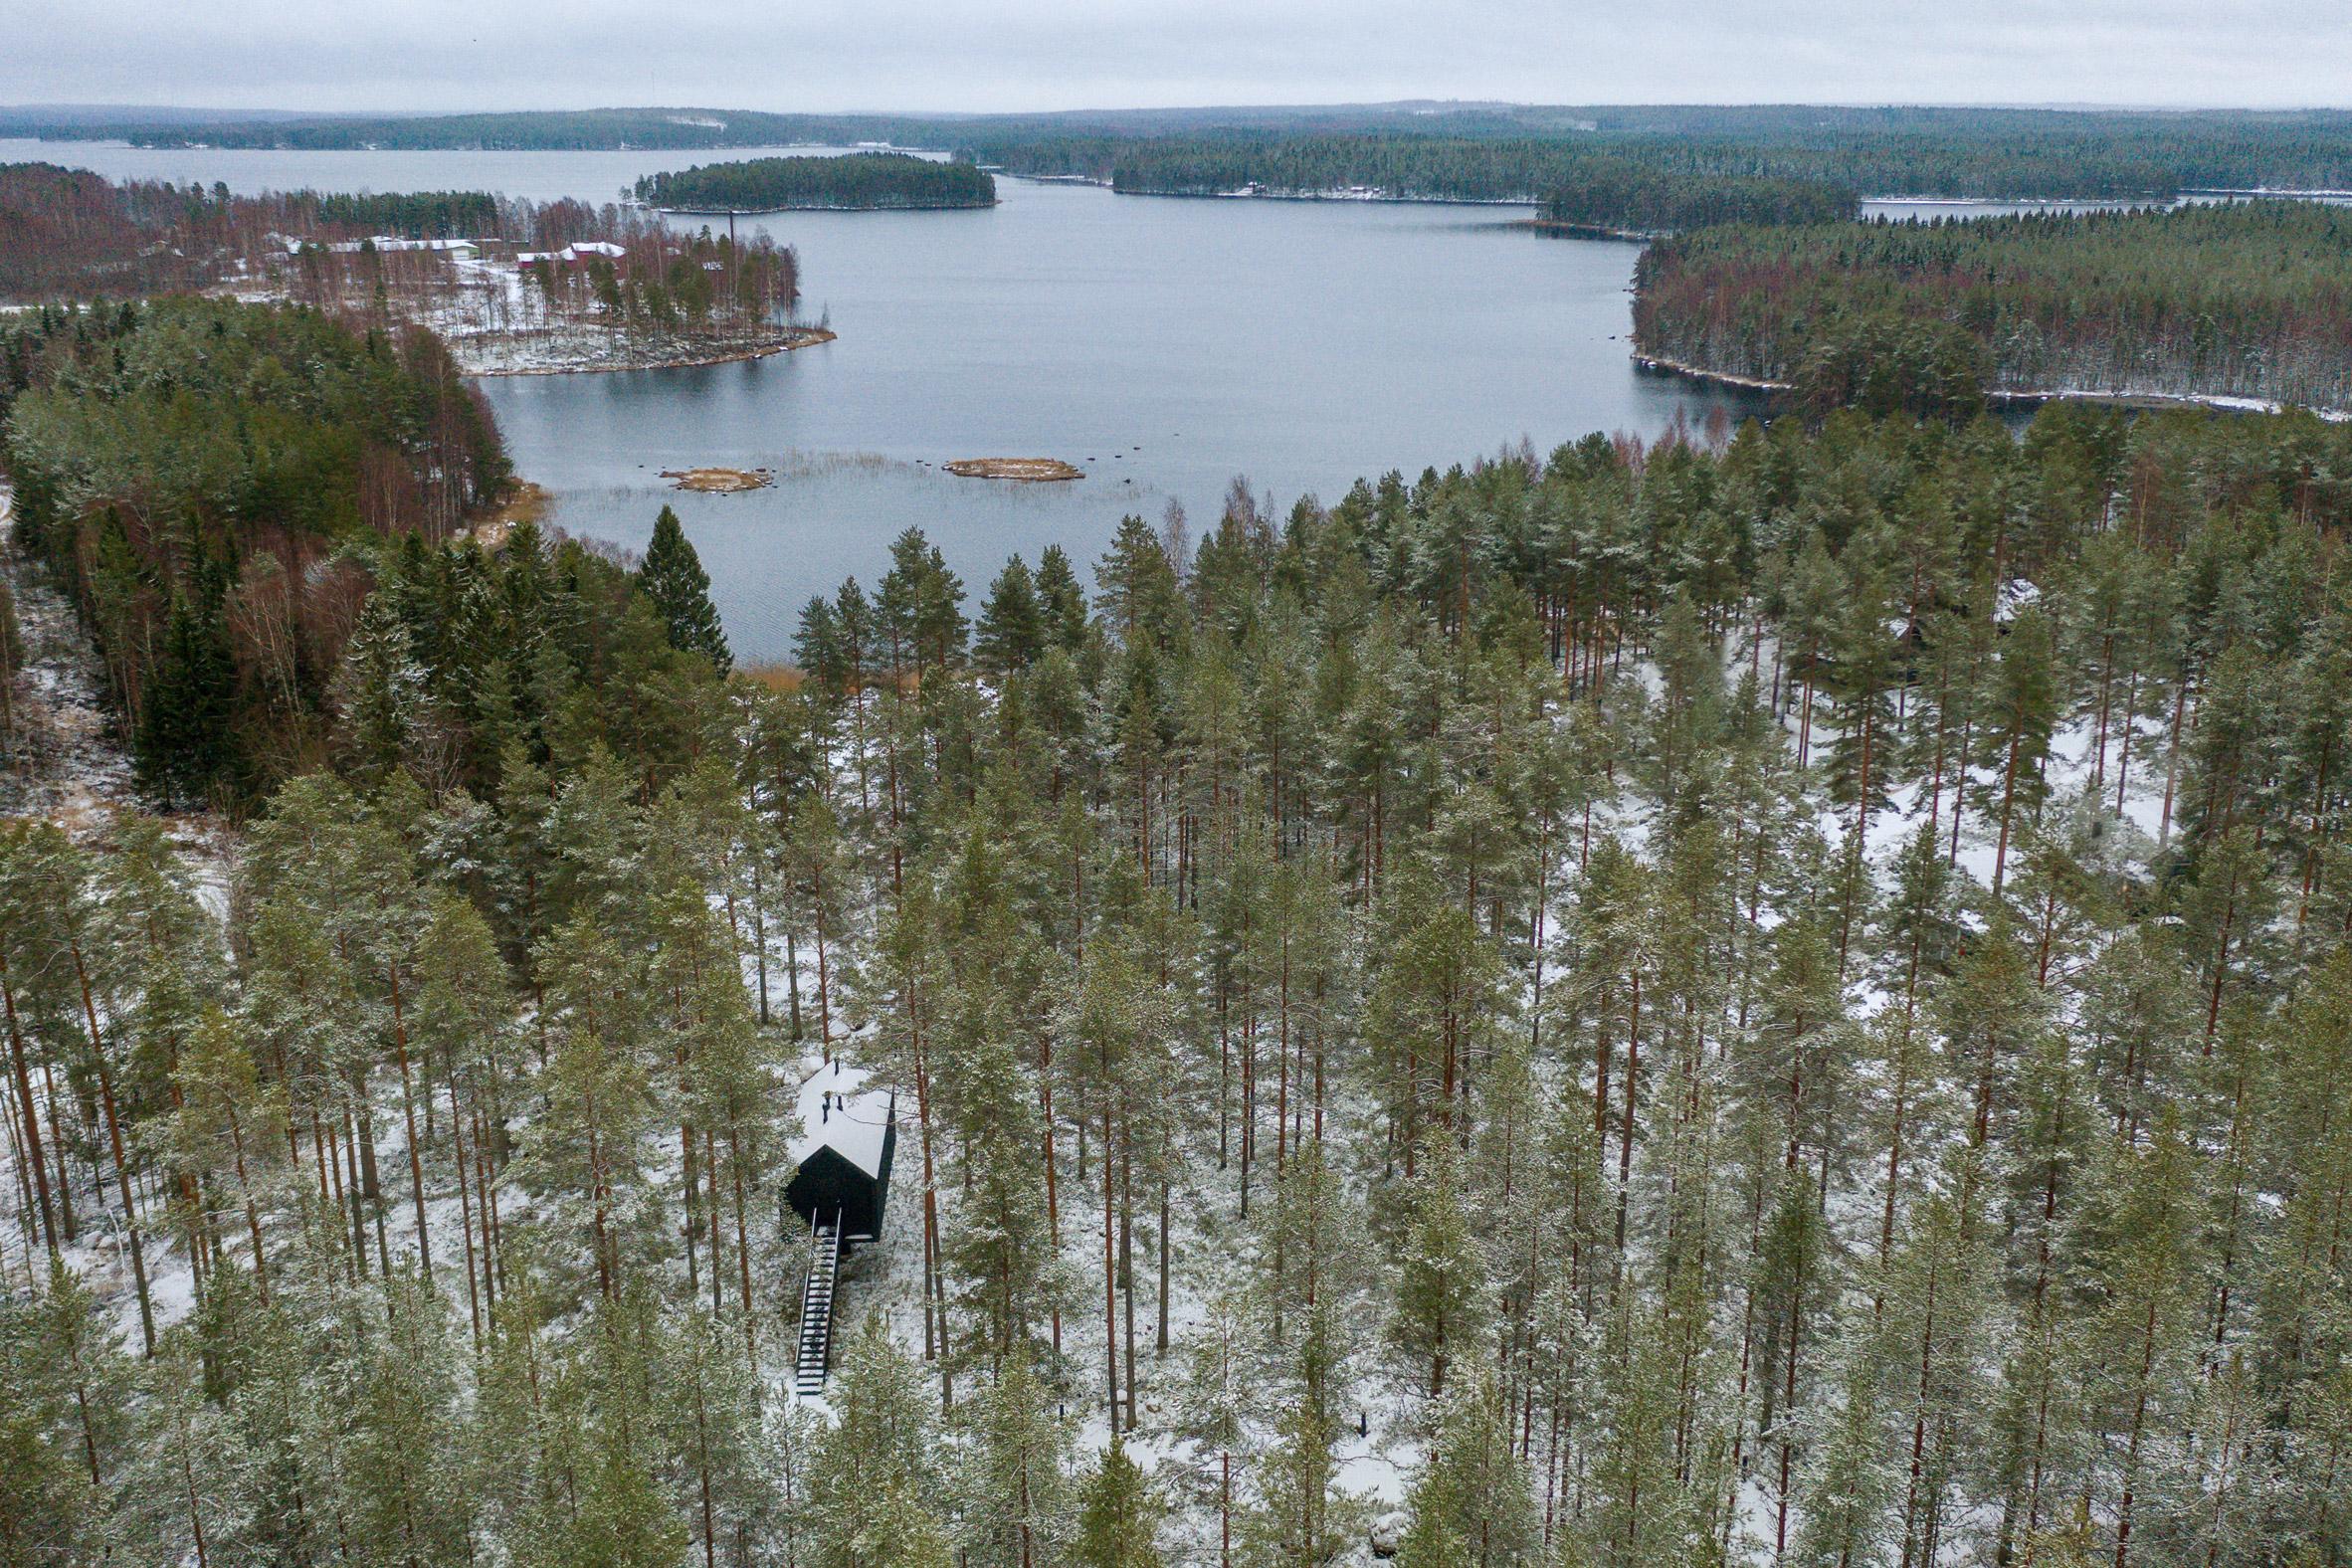 Cabana de cor preta assinada pelo Studio Puisto que elevou-a em uma única coluna. Localizado no Parque Nacional Salamajärvi, na Finlândia.